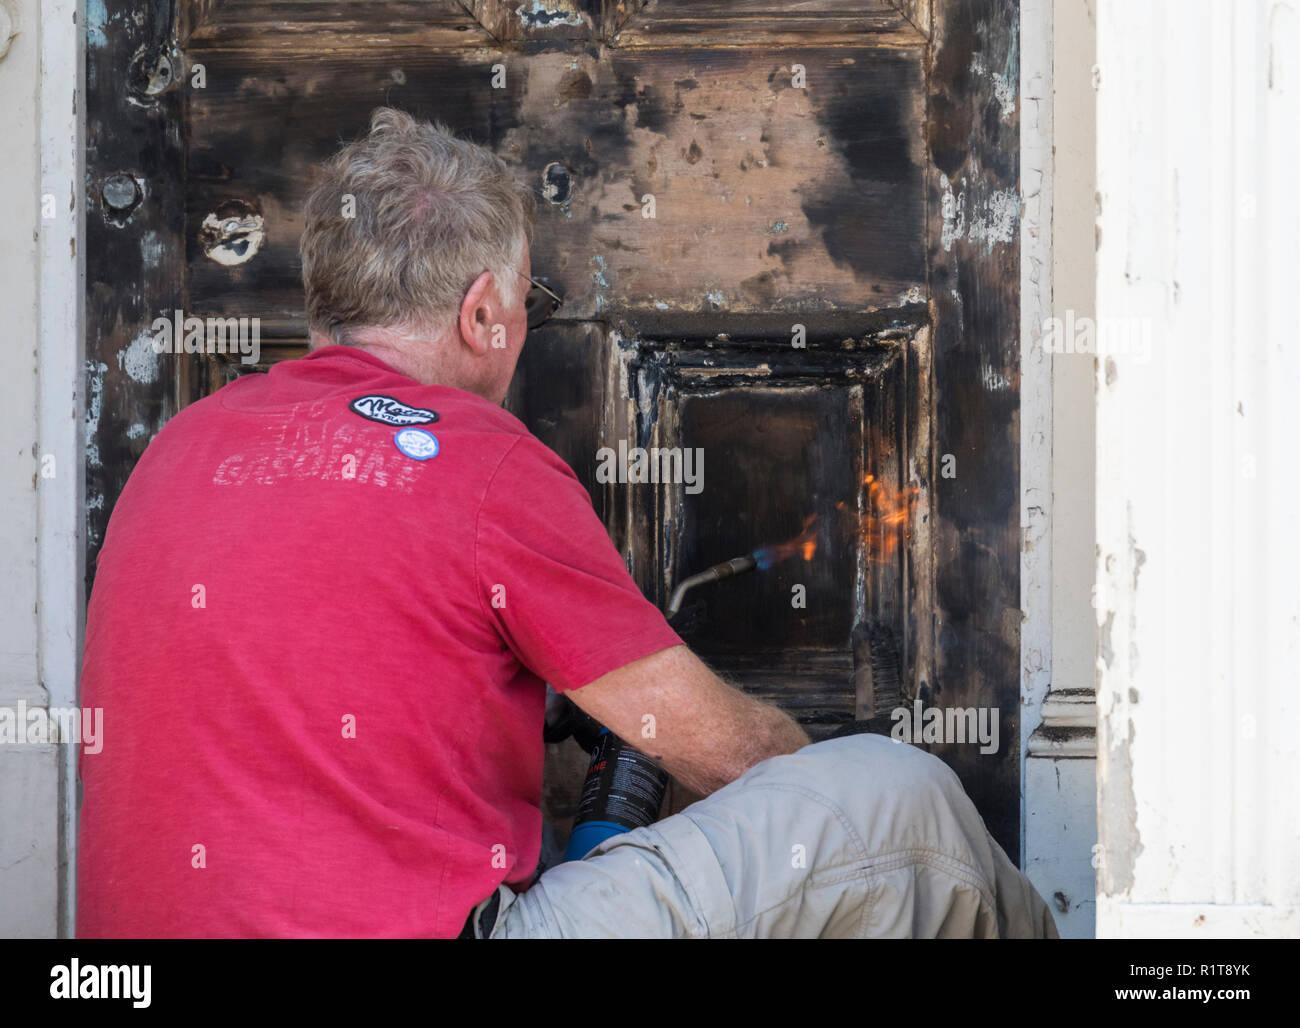 Uomo che utilizza gas caldo blow torcia (cannello) alla striscia di vernice da una porta anteriore. Assemblea rinnovi, pittore e decoratore. Immagini Stock